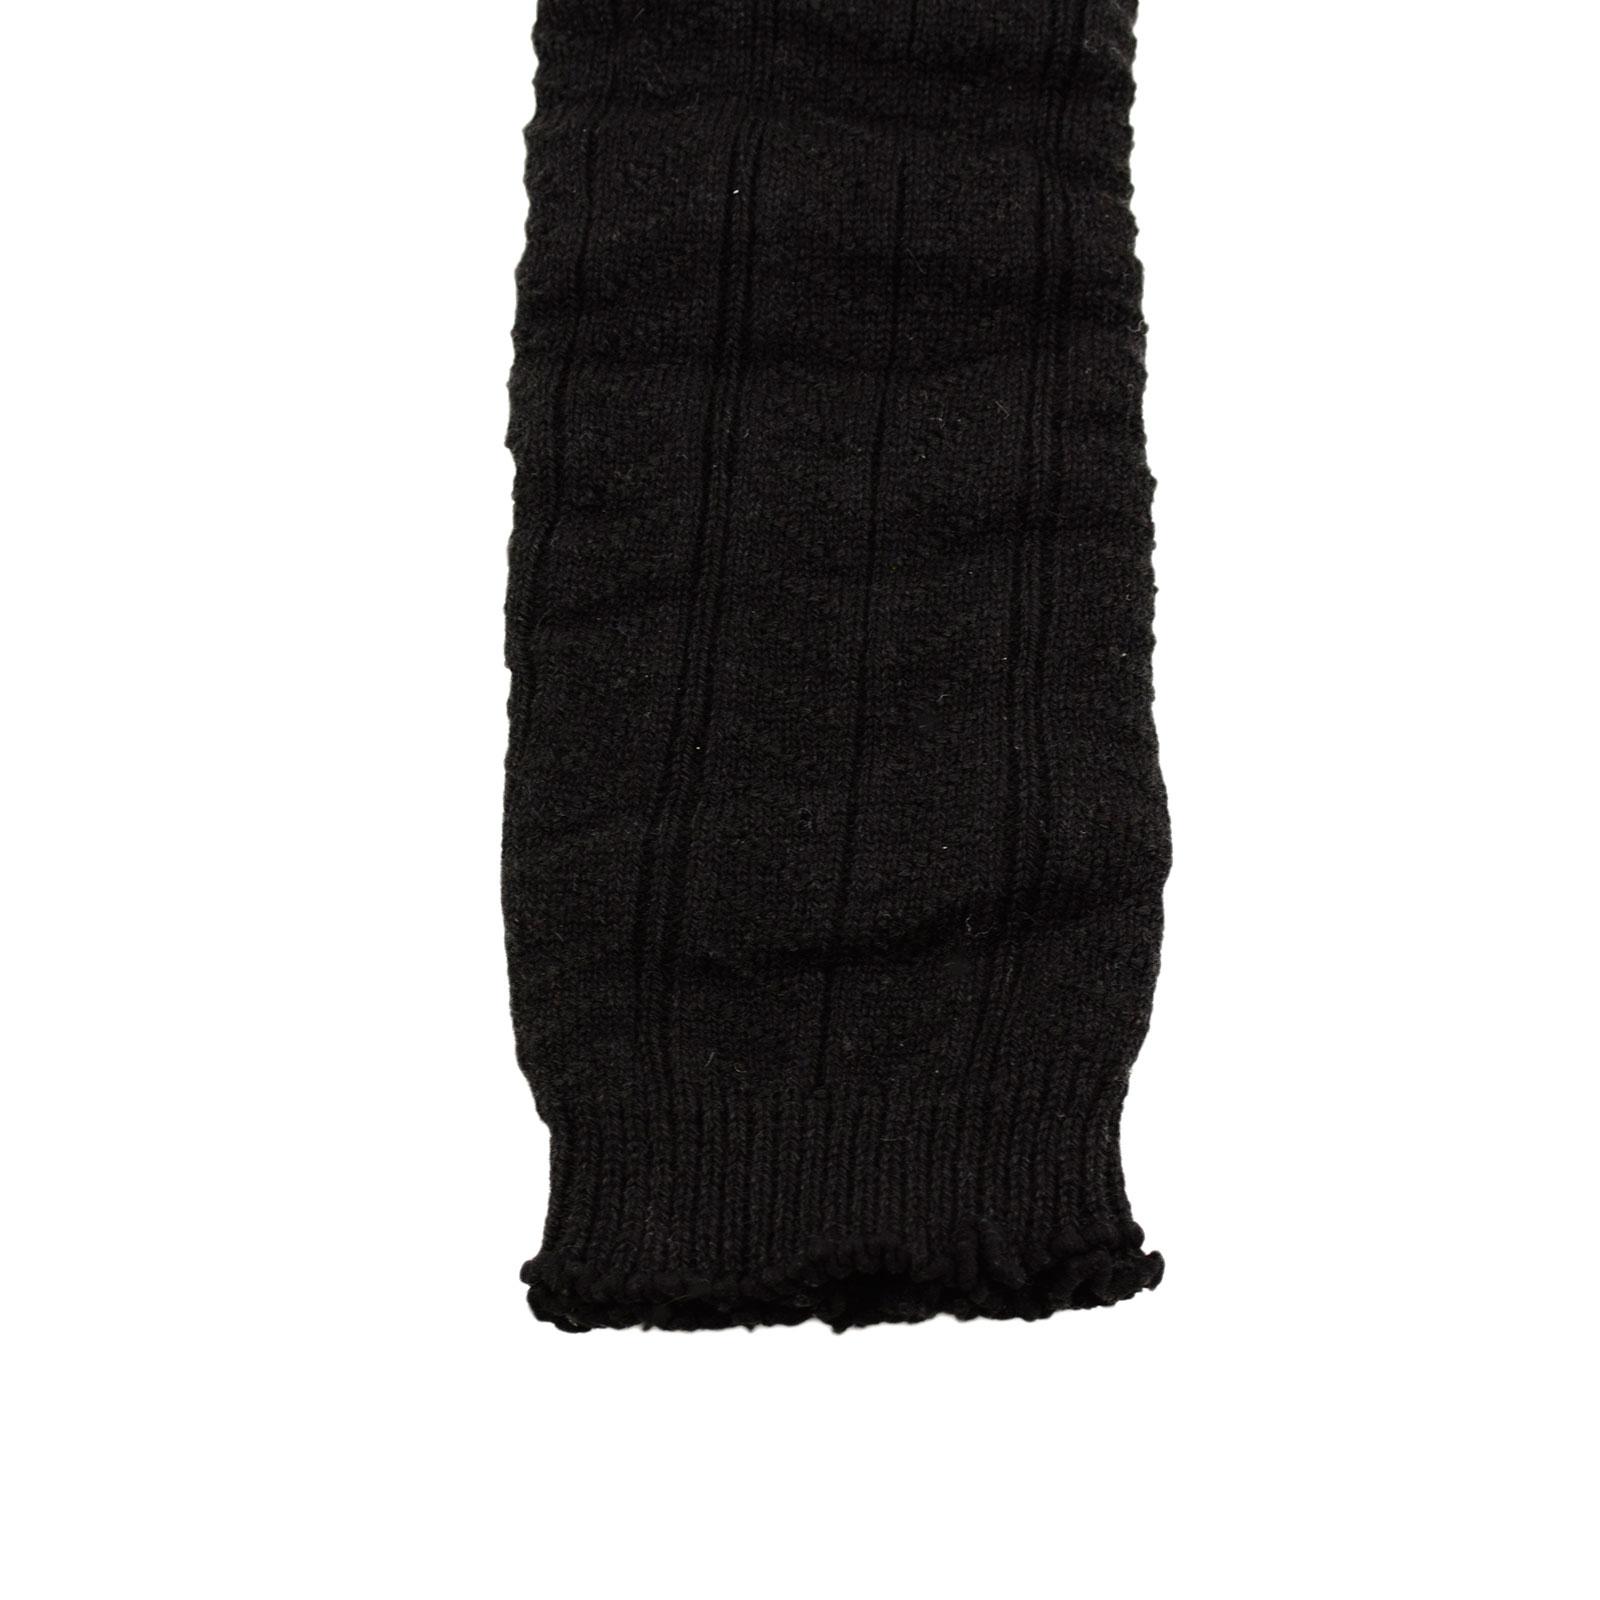 Black Chevron Knit Leg Warmer Pattern Stitch Warm Legging Socks Boot Cuff Lot